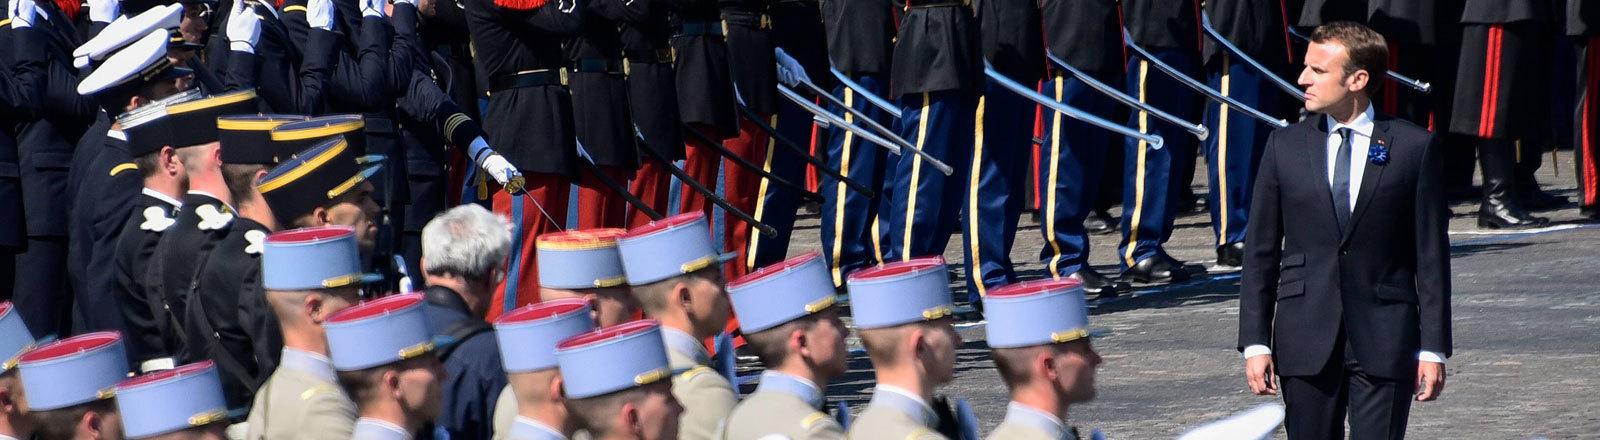 Emmanuel Macron steht vor französischen Soldaten